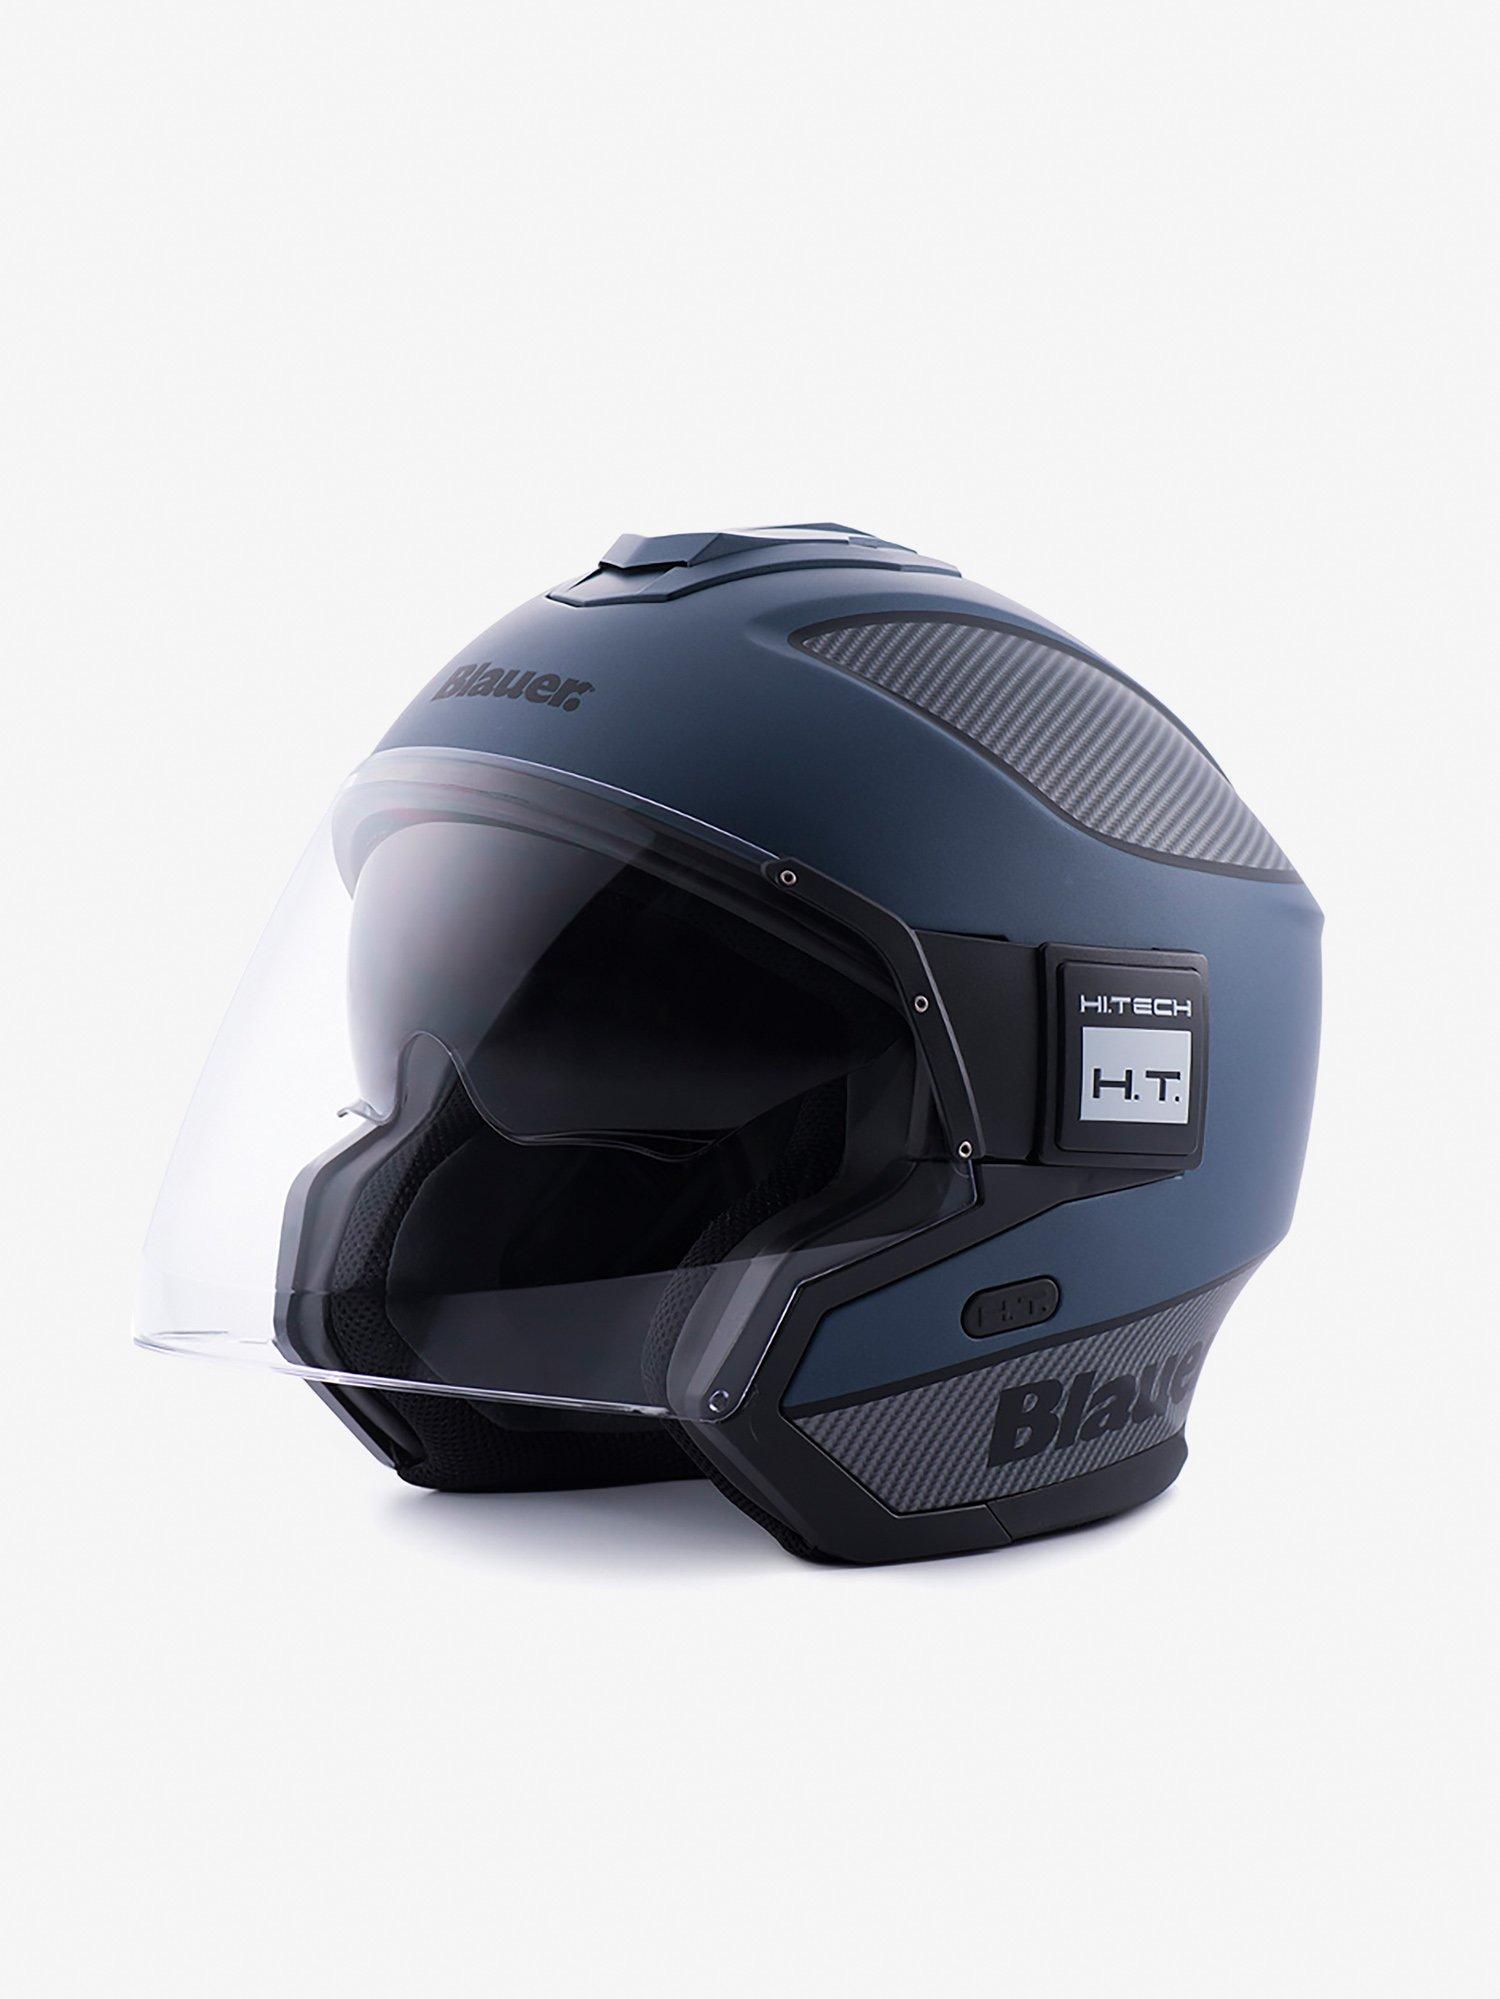 Blauer - JET SOLO - Blue / Carbon / Black Matt - Blauer